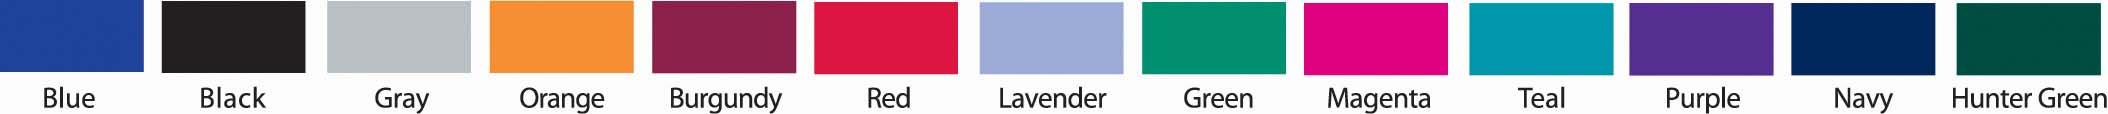 spectrum-nurse-stethoscope-adult-slider-pack-purple--10-431-200-lr-2.jpg